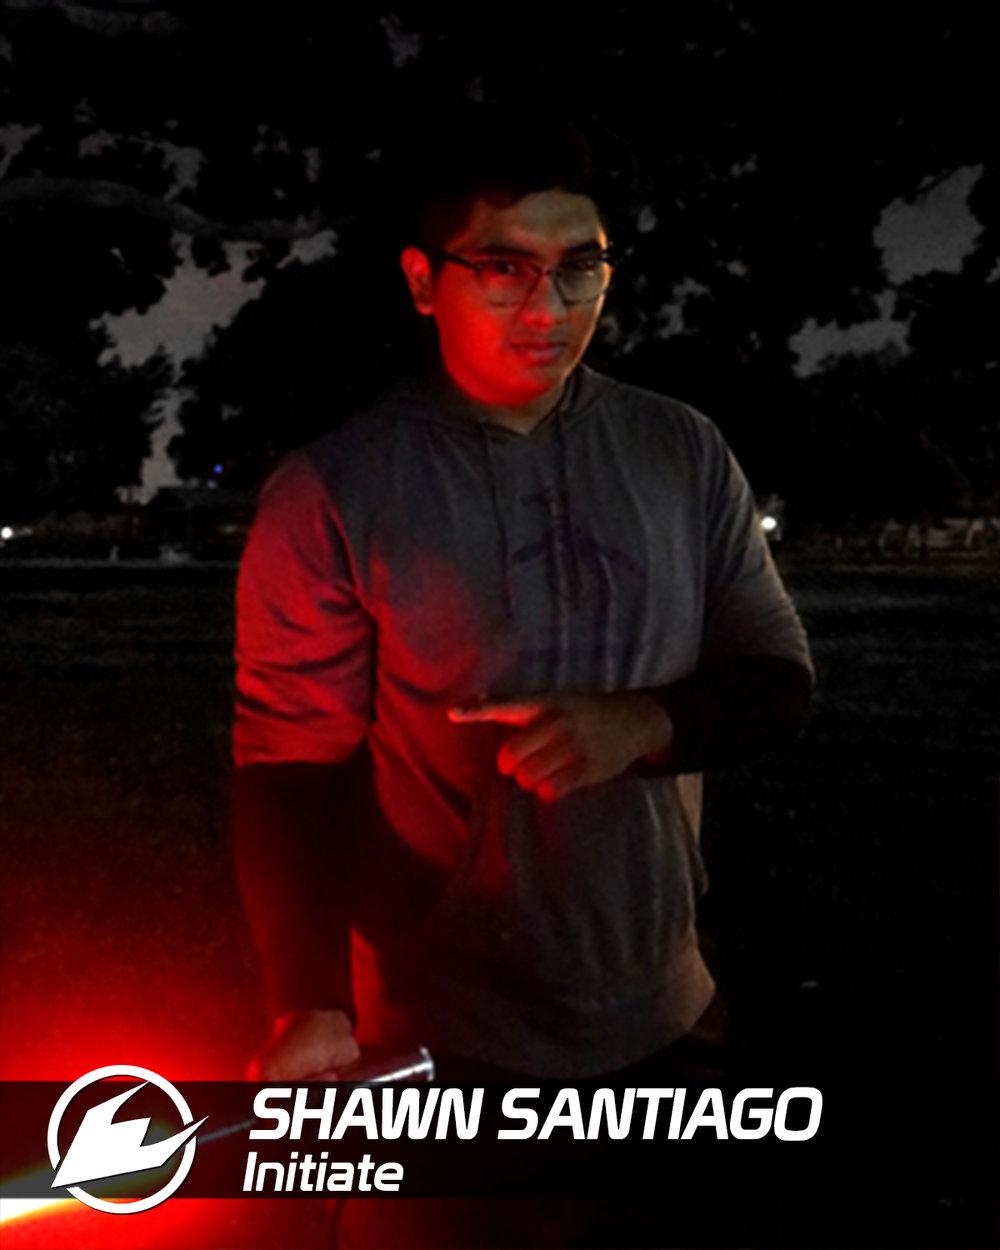 ShawnSantiago180915.jpg